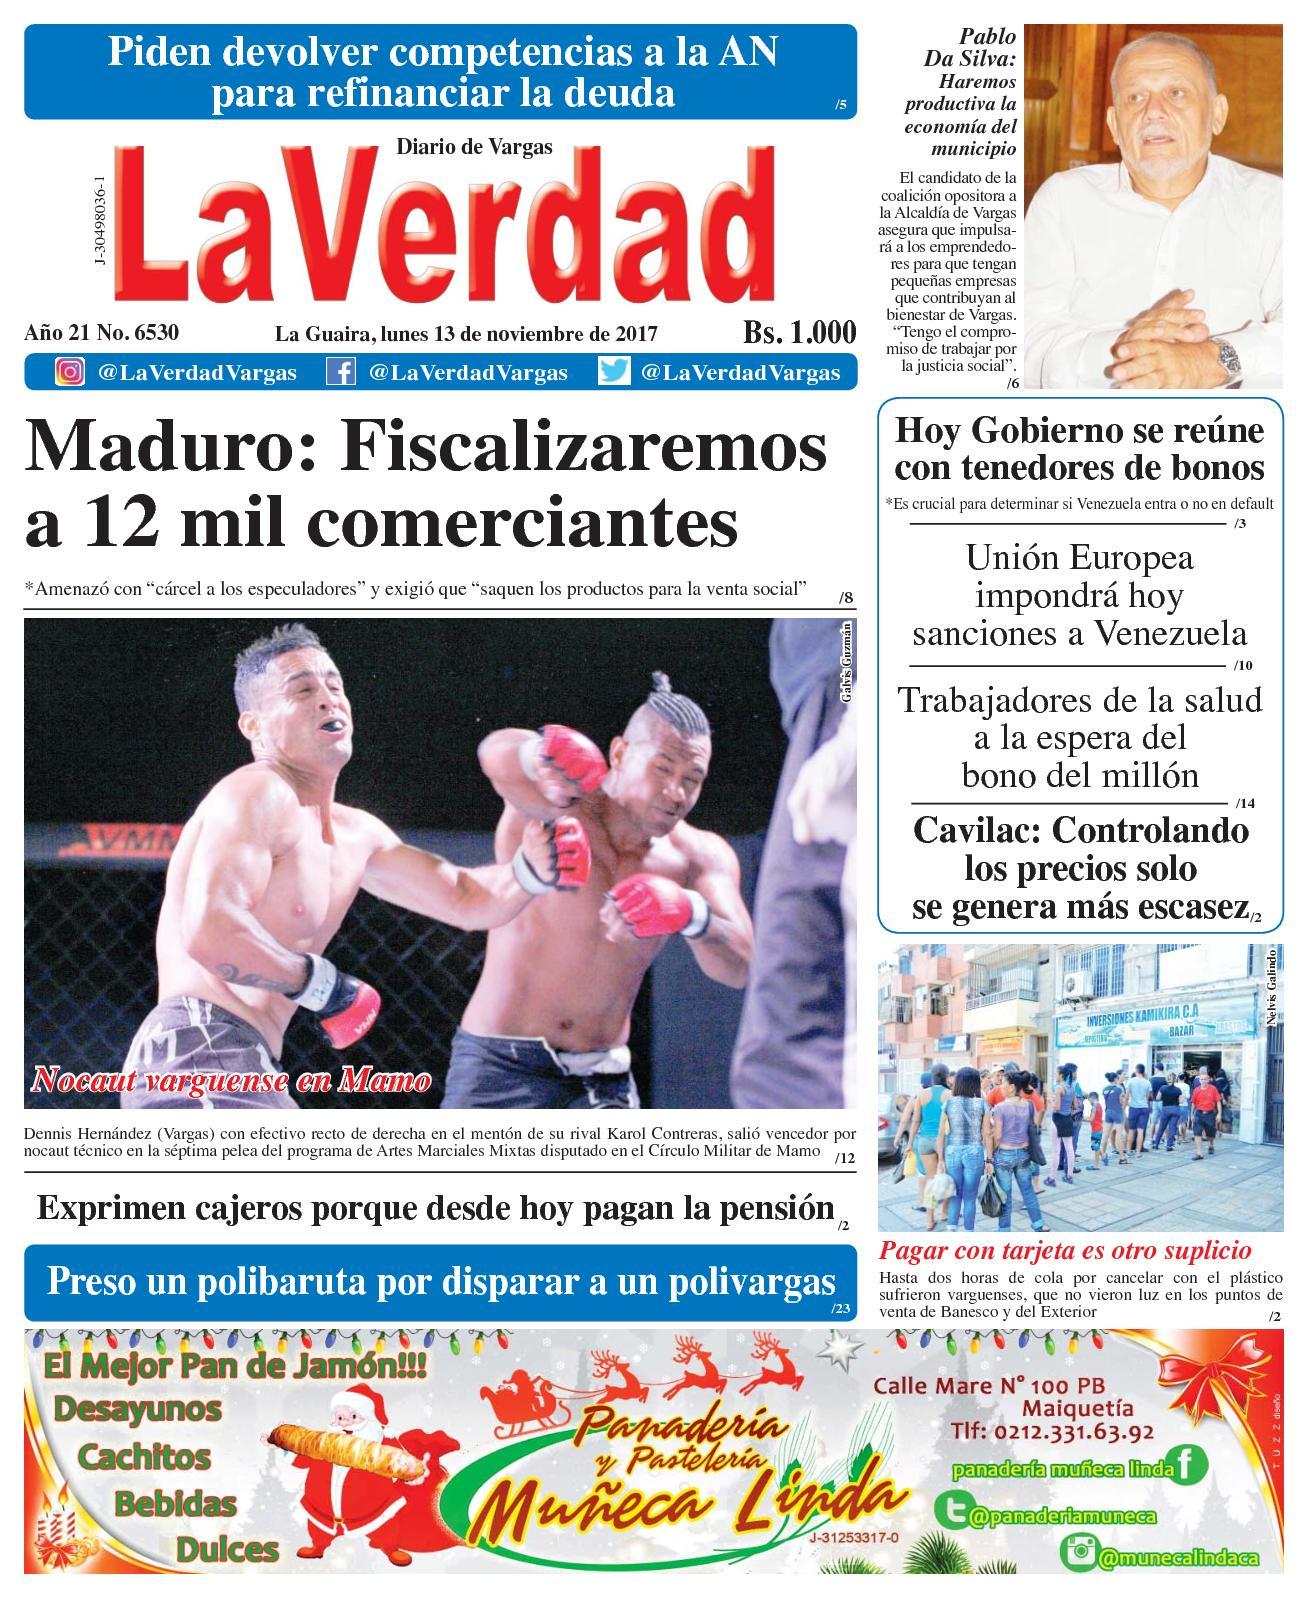 Calaméo - La Guaira, lunes 13 de Noviembre de 2017. Año 20 No. 6530